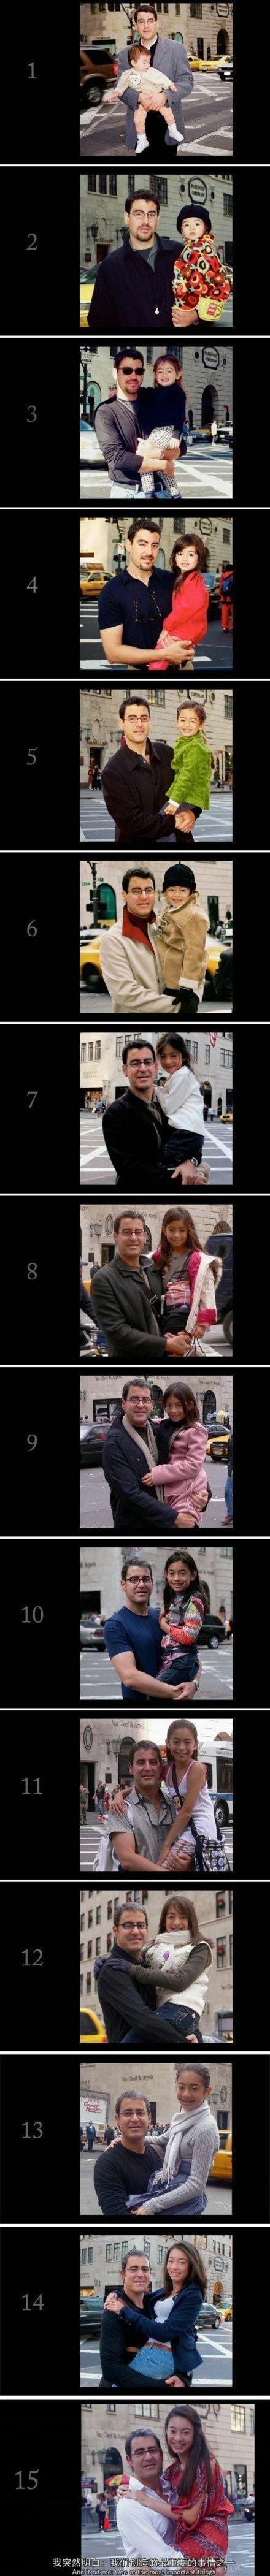 好有爱的一组照片 美国一位有爱的爸爸史提芬-阿迪斯。15年来,每年都会和女儿在纽约街头的同一个地方摆同一个姿势拍照,从站不起来的婴儿到抱不动的大姑娘,15张照片见证了女儿成长,也见证了父女深情。